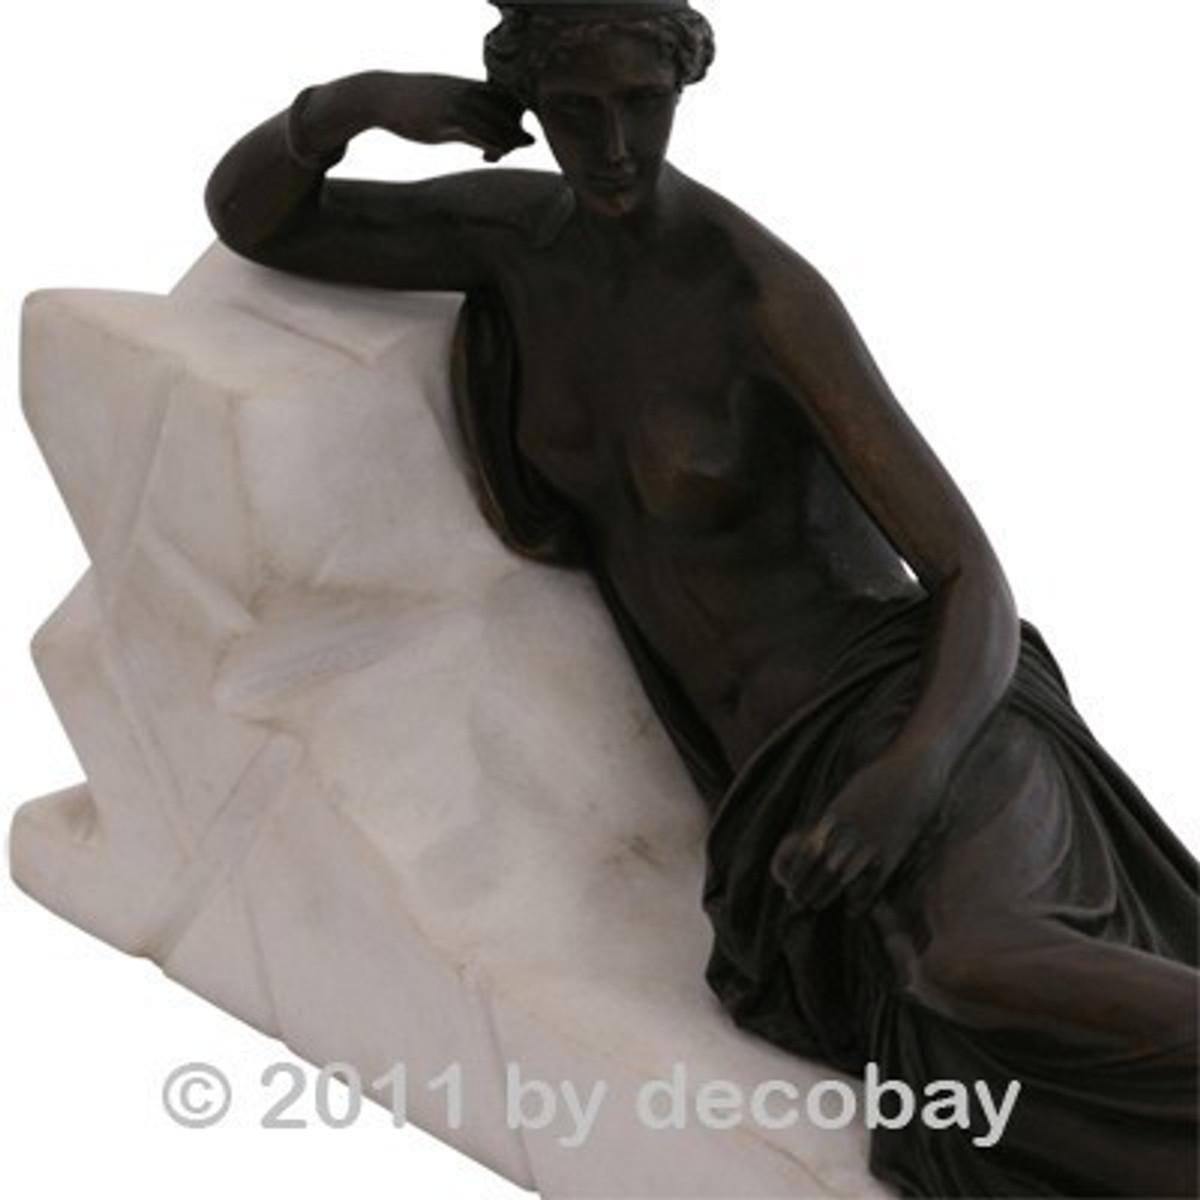 Römische Frau Bronze Statue als entspannt liegende Frau mit nacktem Oberkörper.